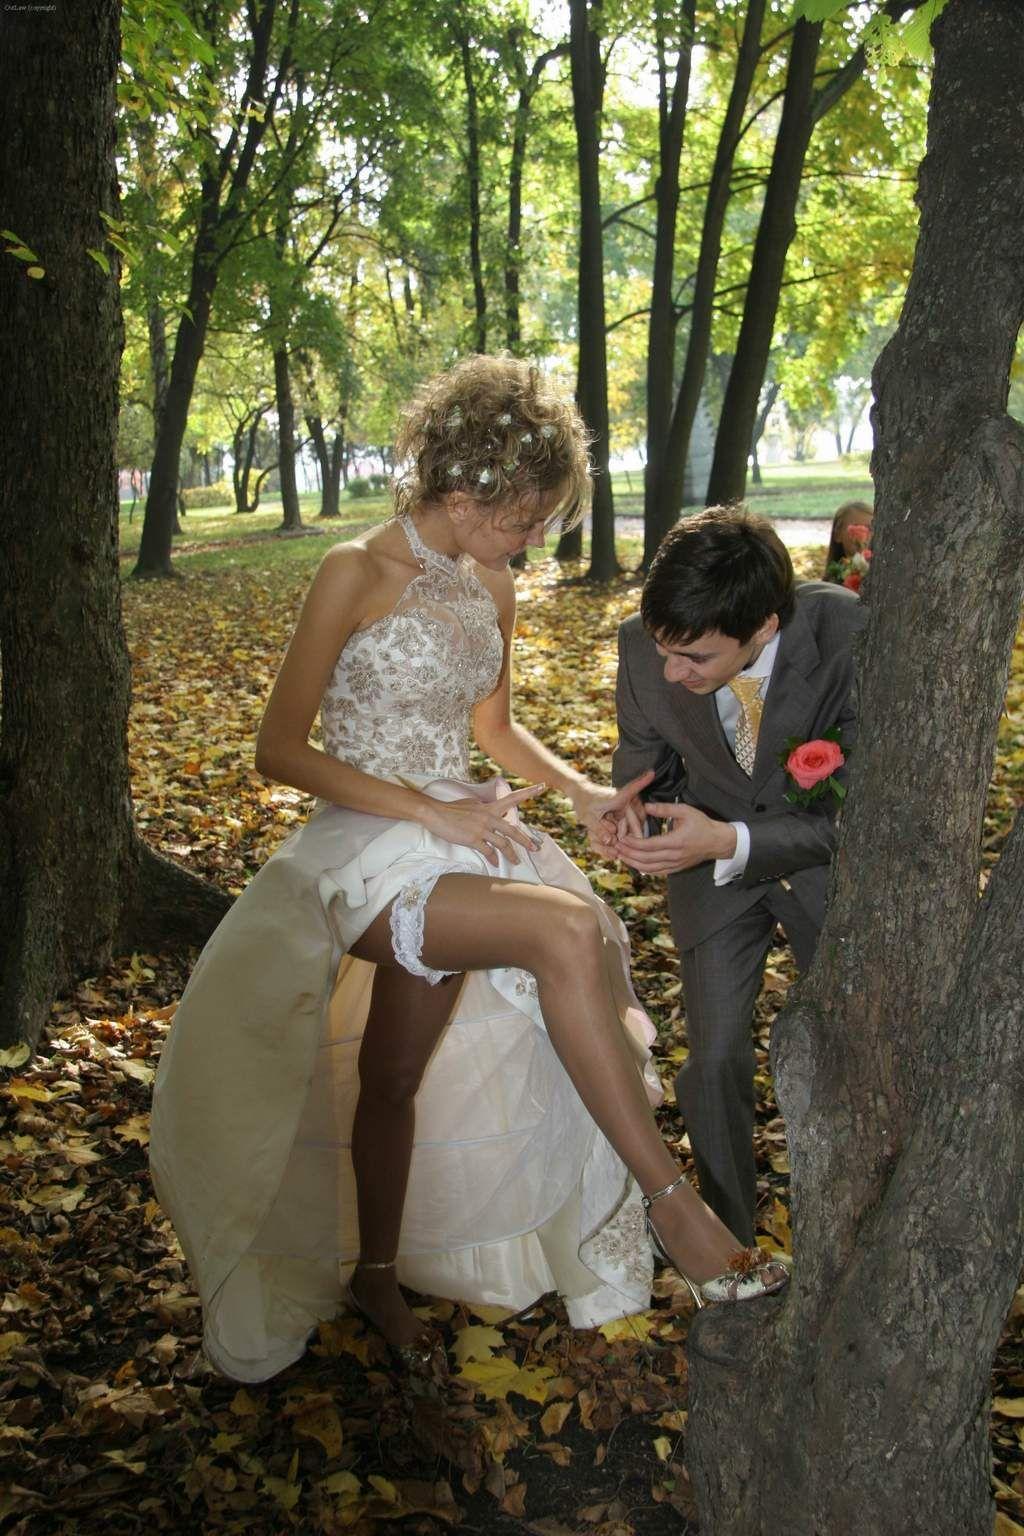 Фото подгляды свадьбы 25 фотография